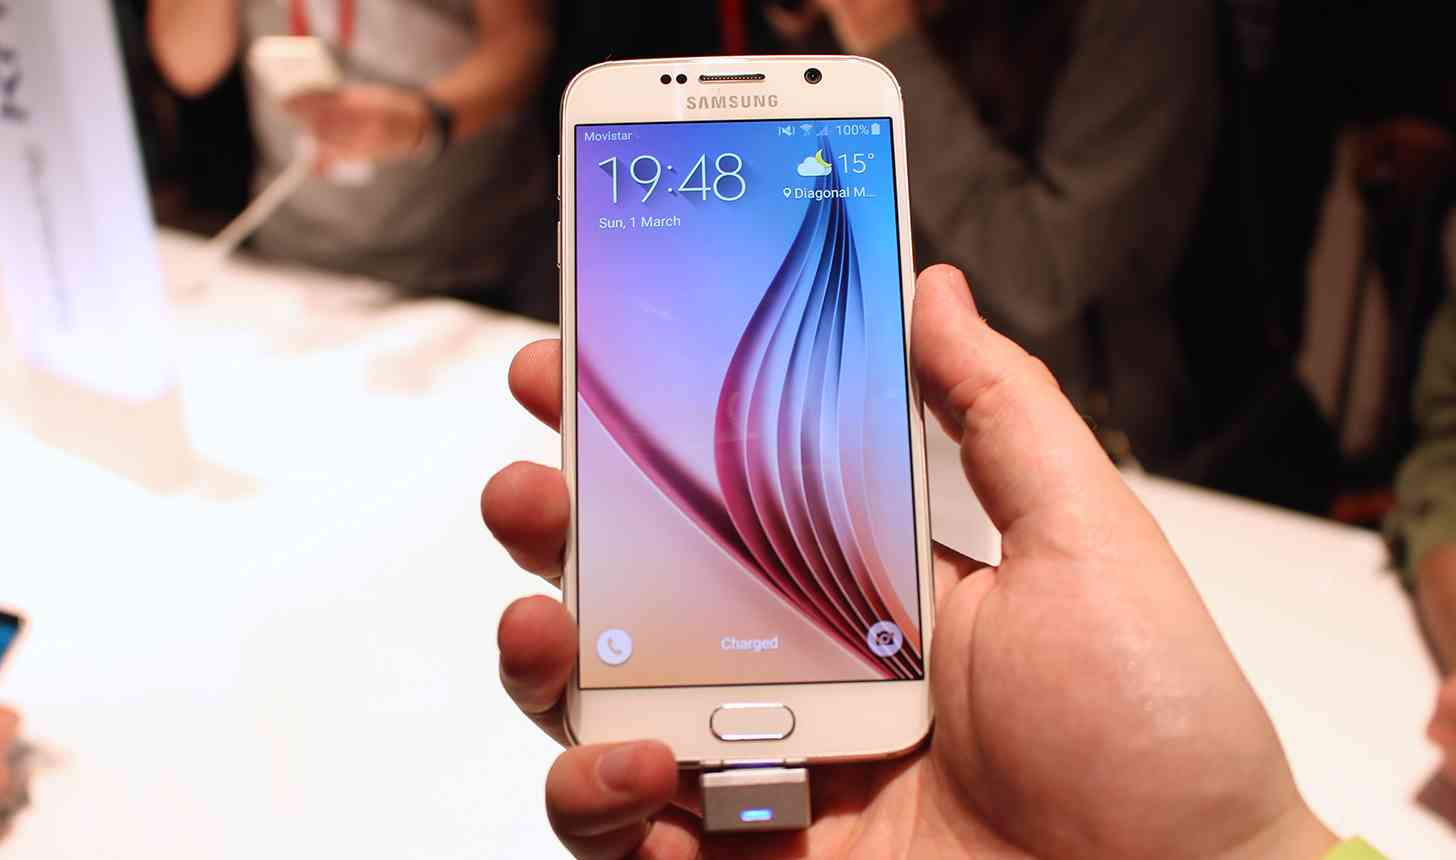 Samsung Galaxy S6 white hands on